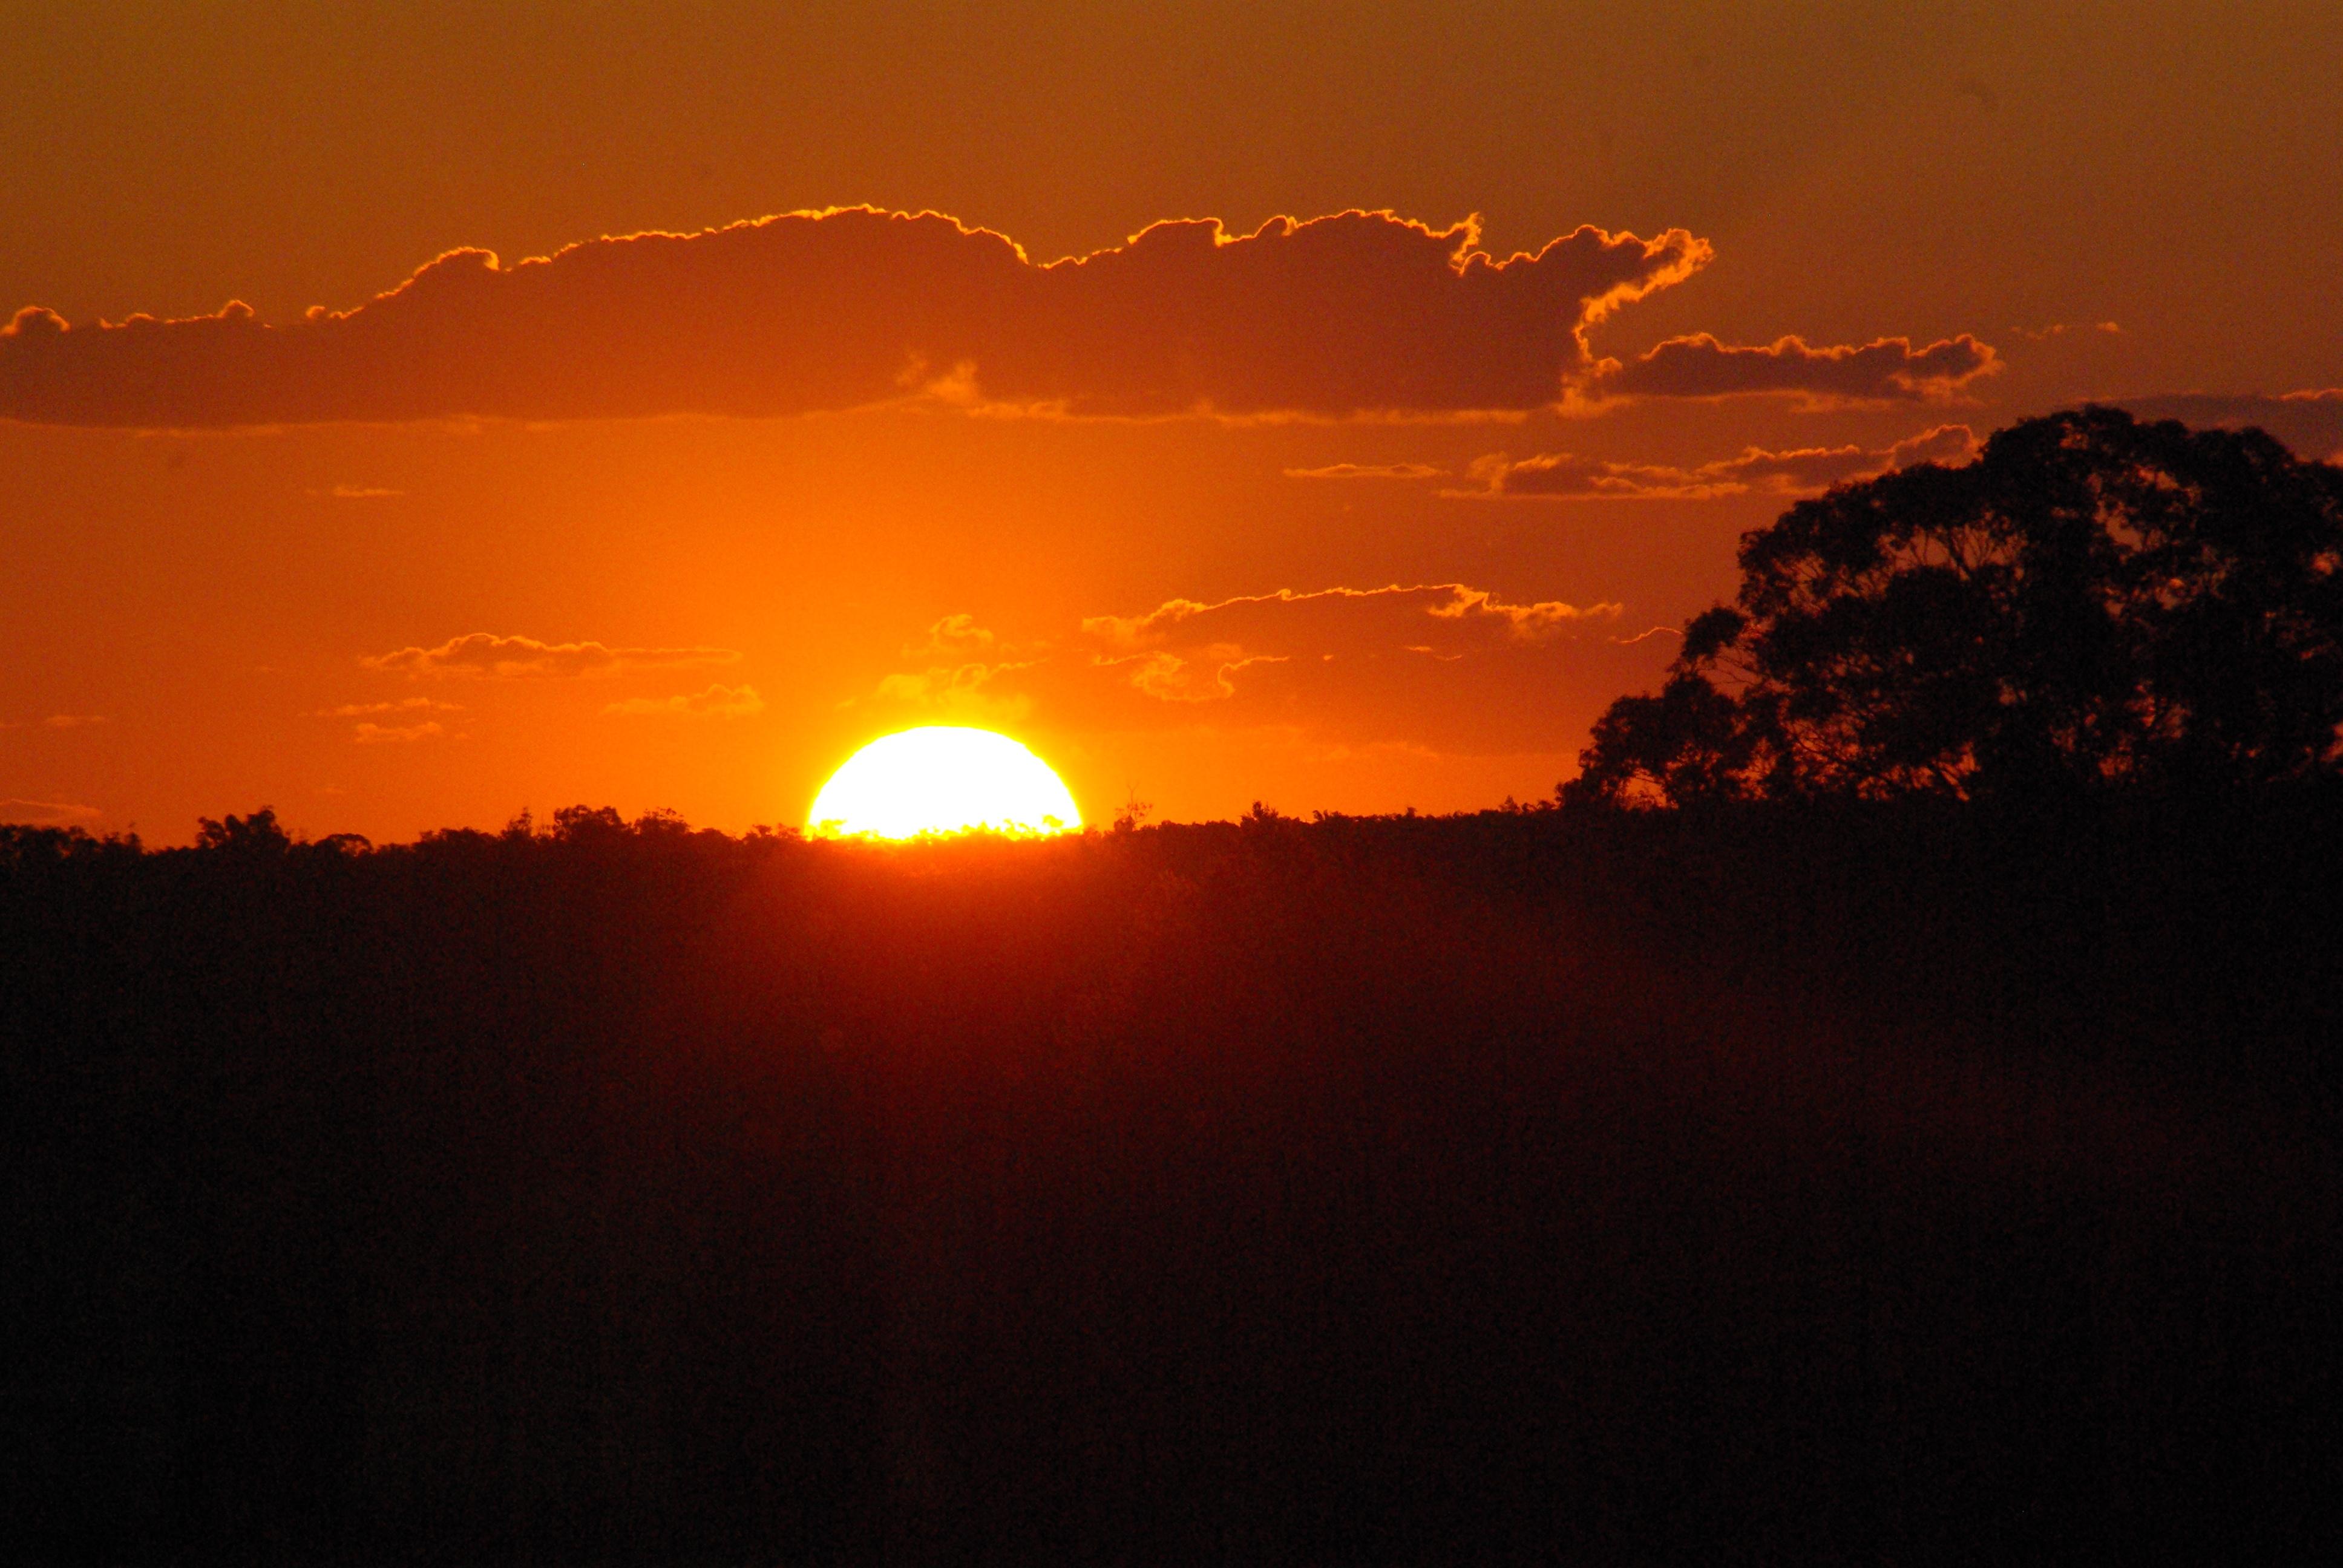 Gilgandra sunrise at TooraweenahTH